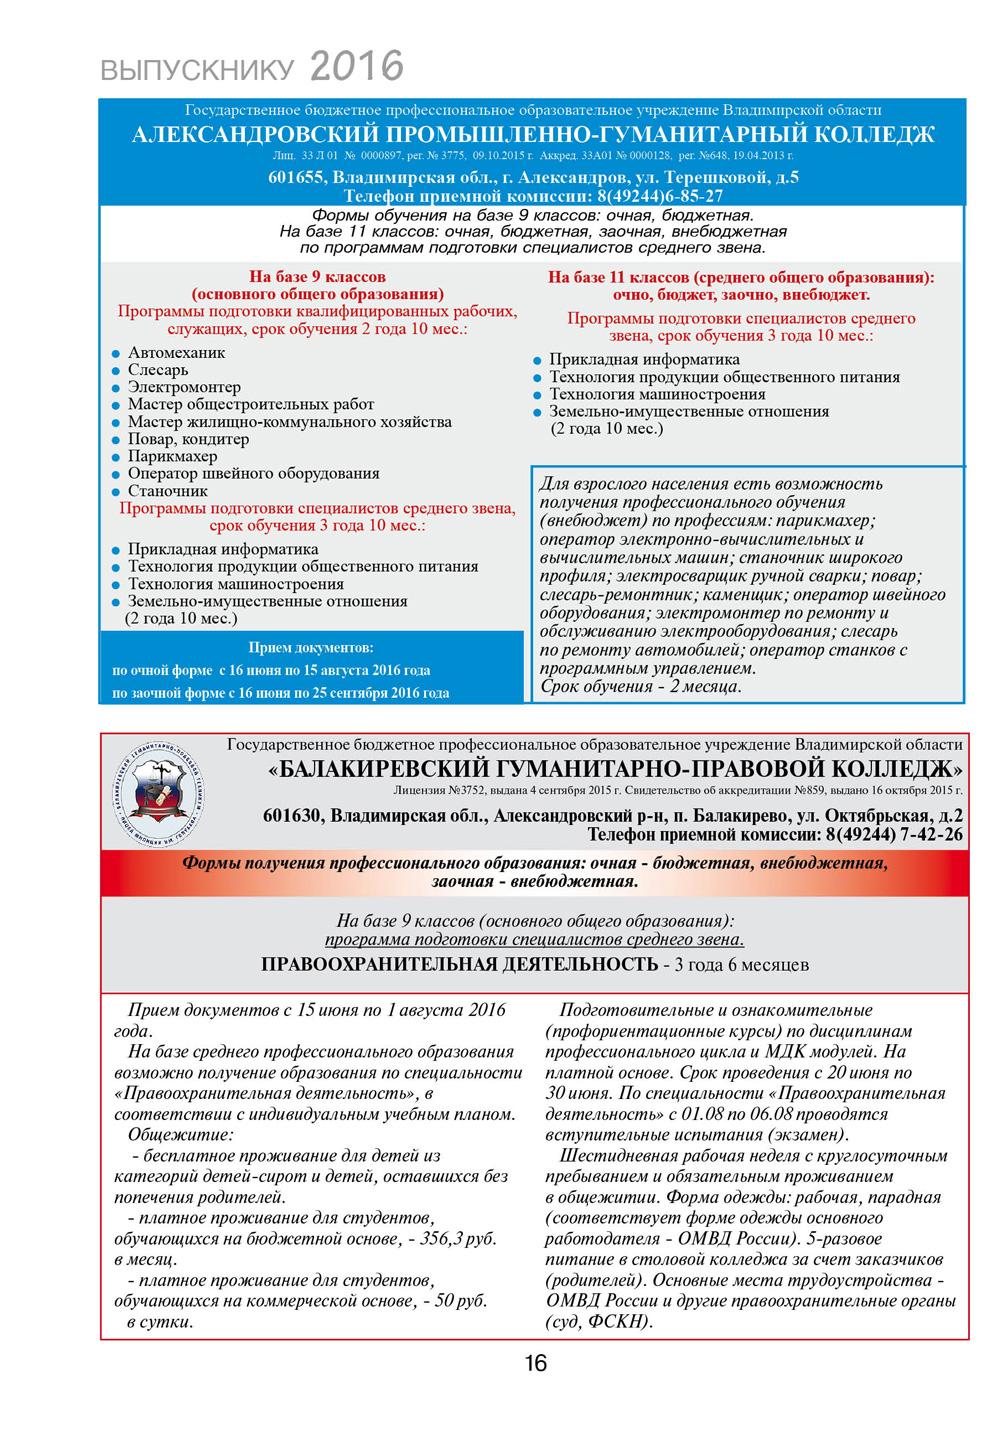 выпускник-2016